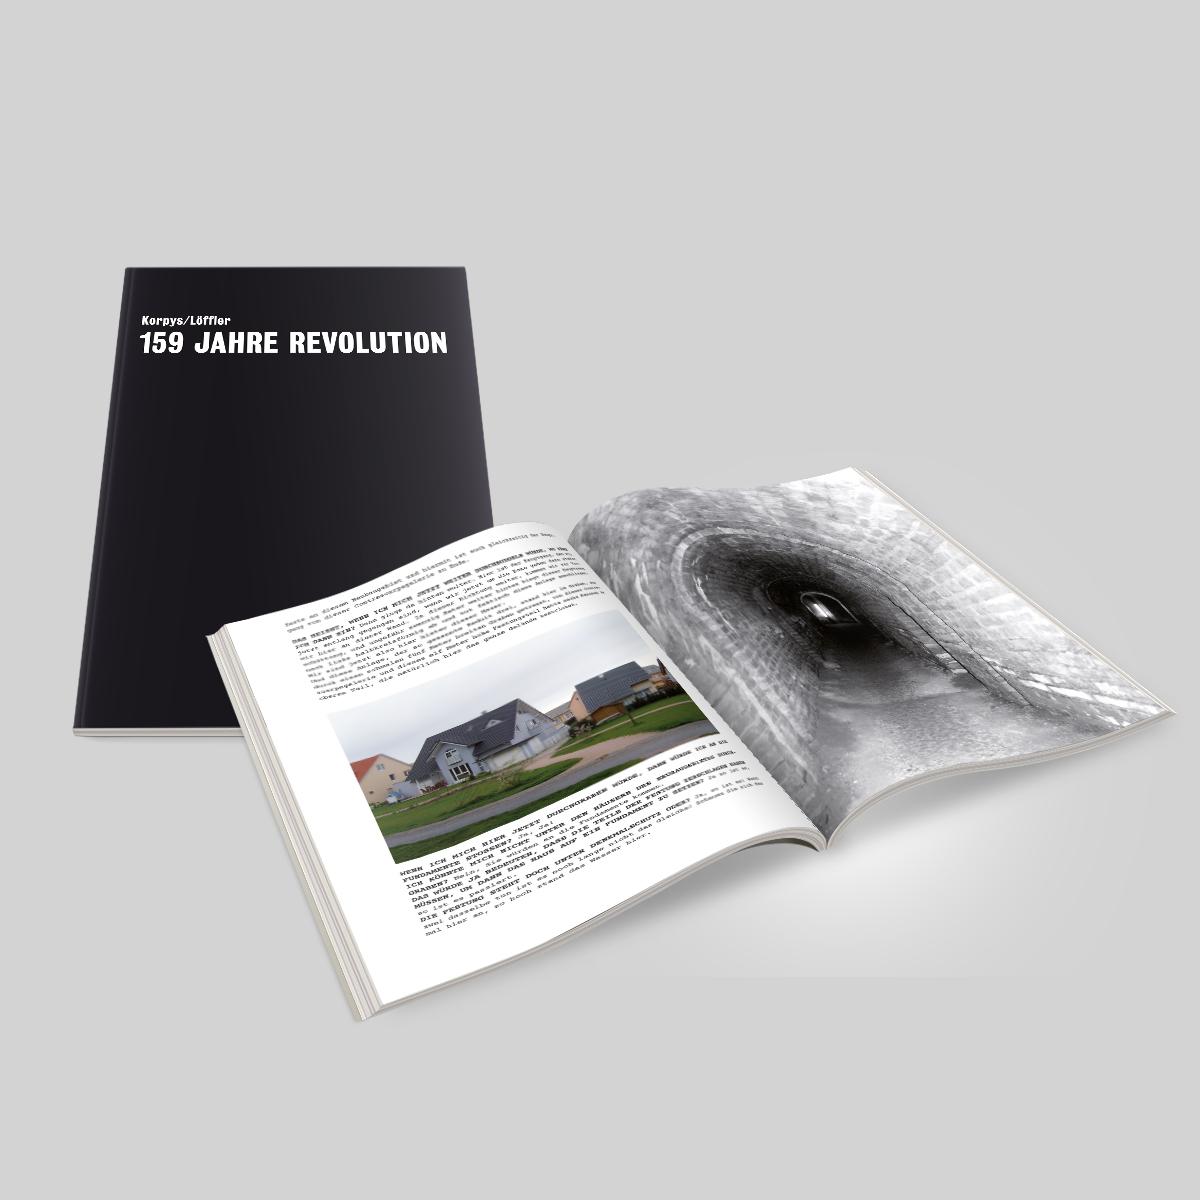 Katalog Korpys/Löffler